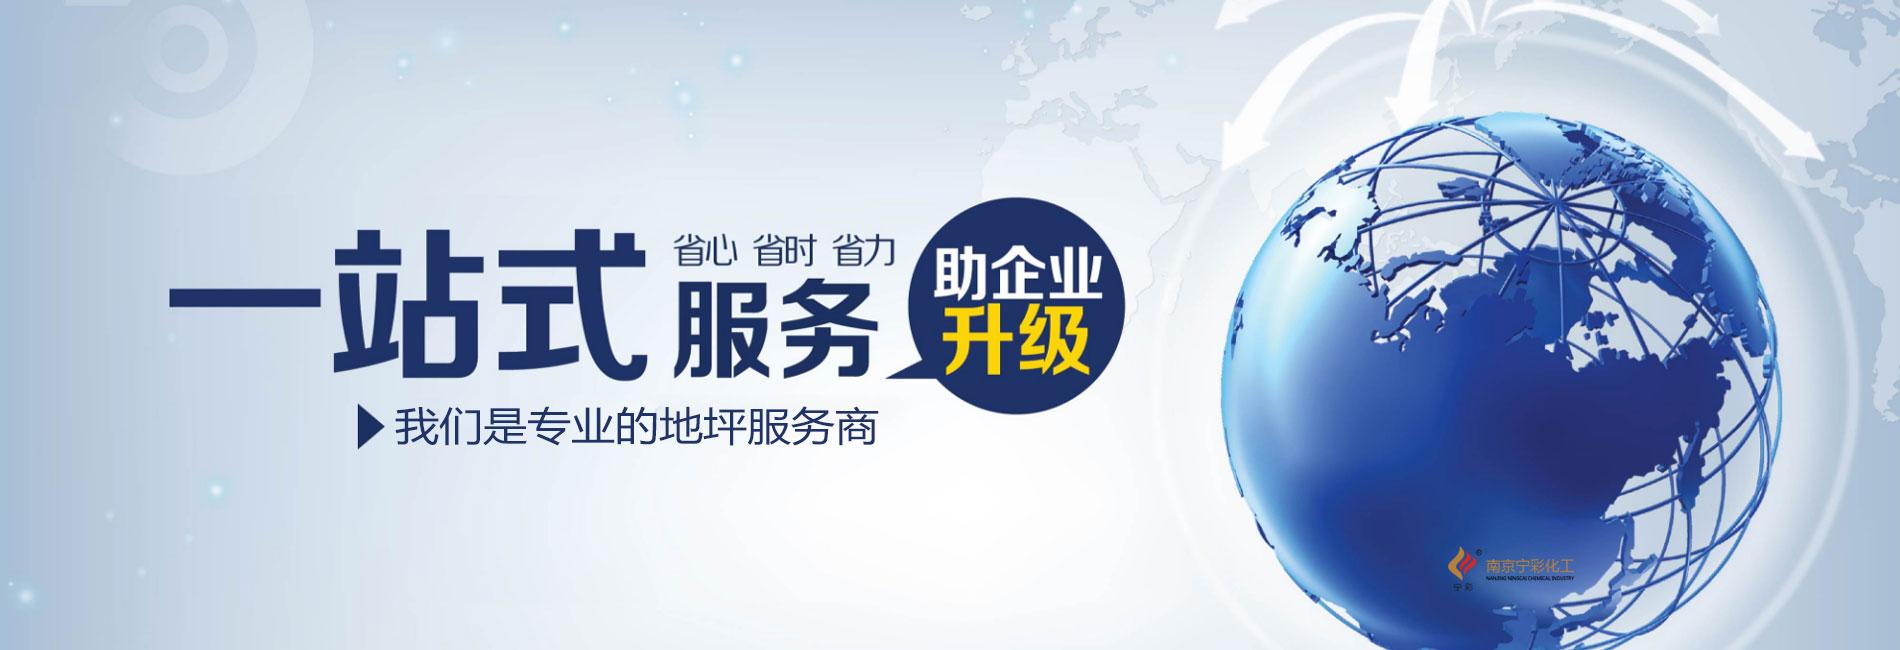 南京宁彩化工科技有限公司